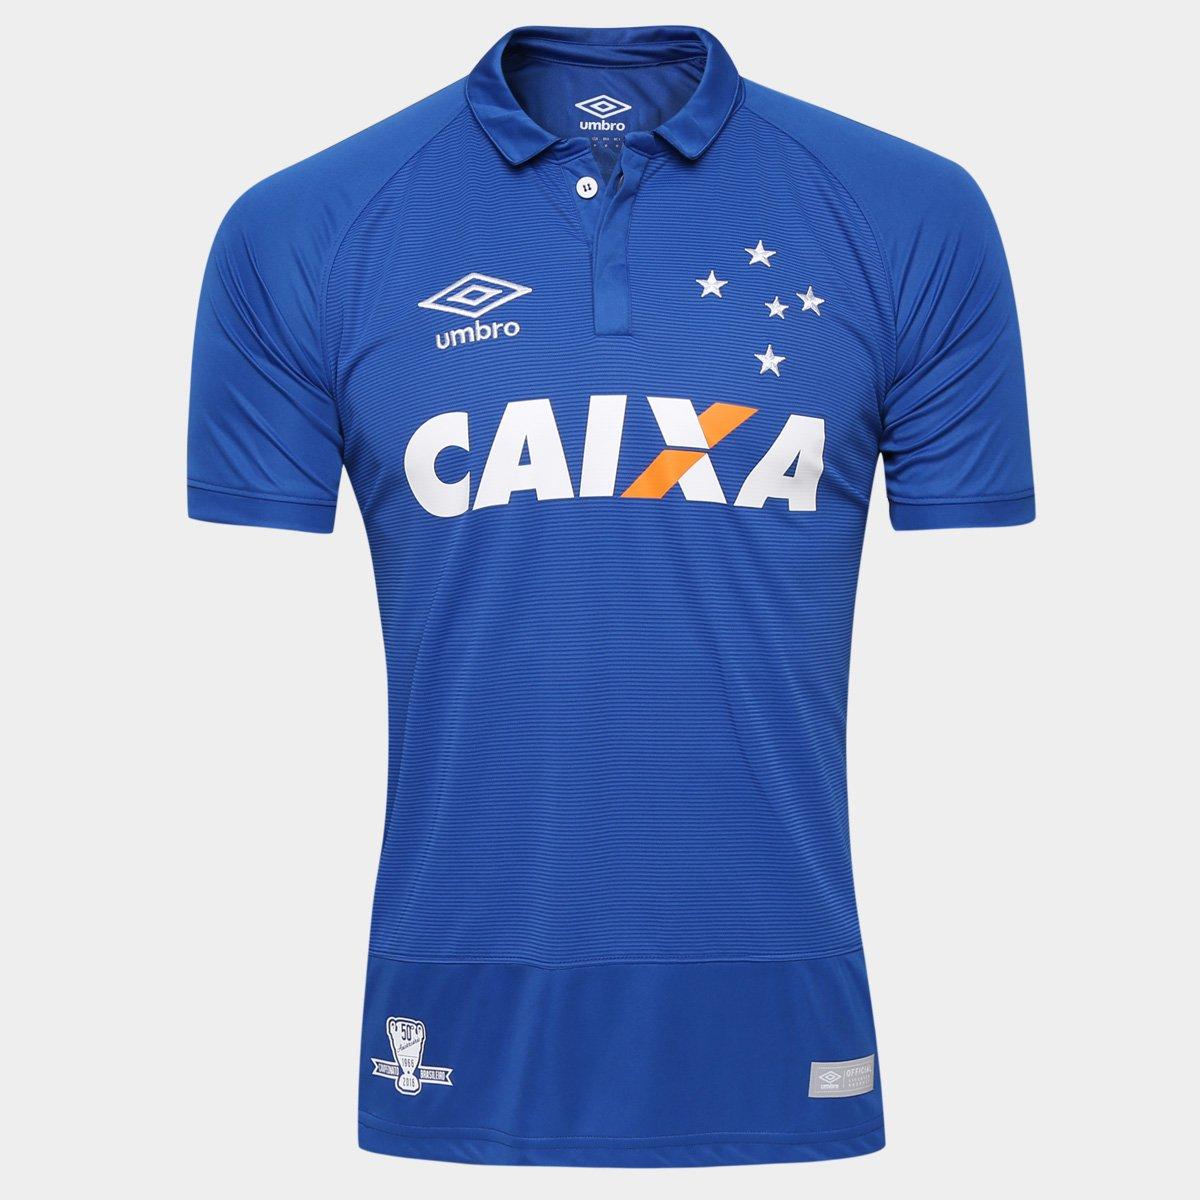 a402936c72 Camisa Cruzeiro I 2016 s nº Jogador Umbro Masculina - Compre Agora ...